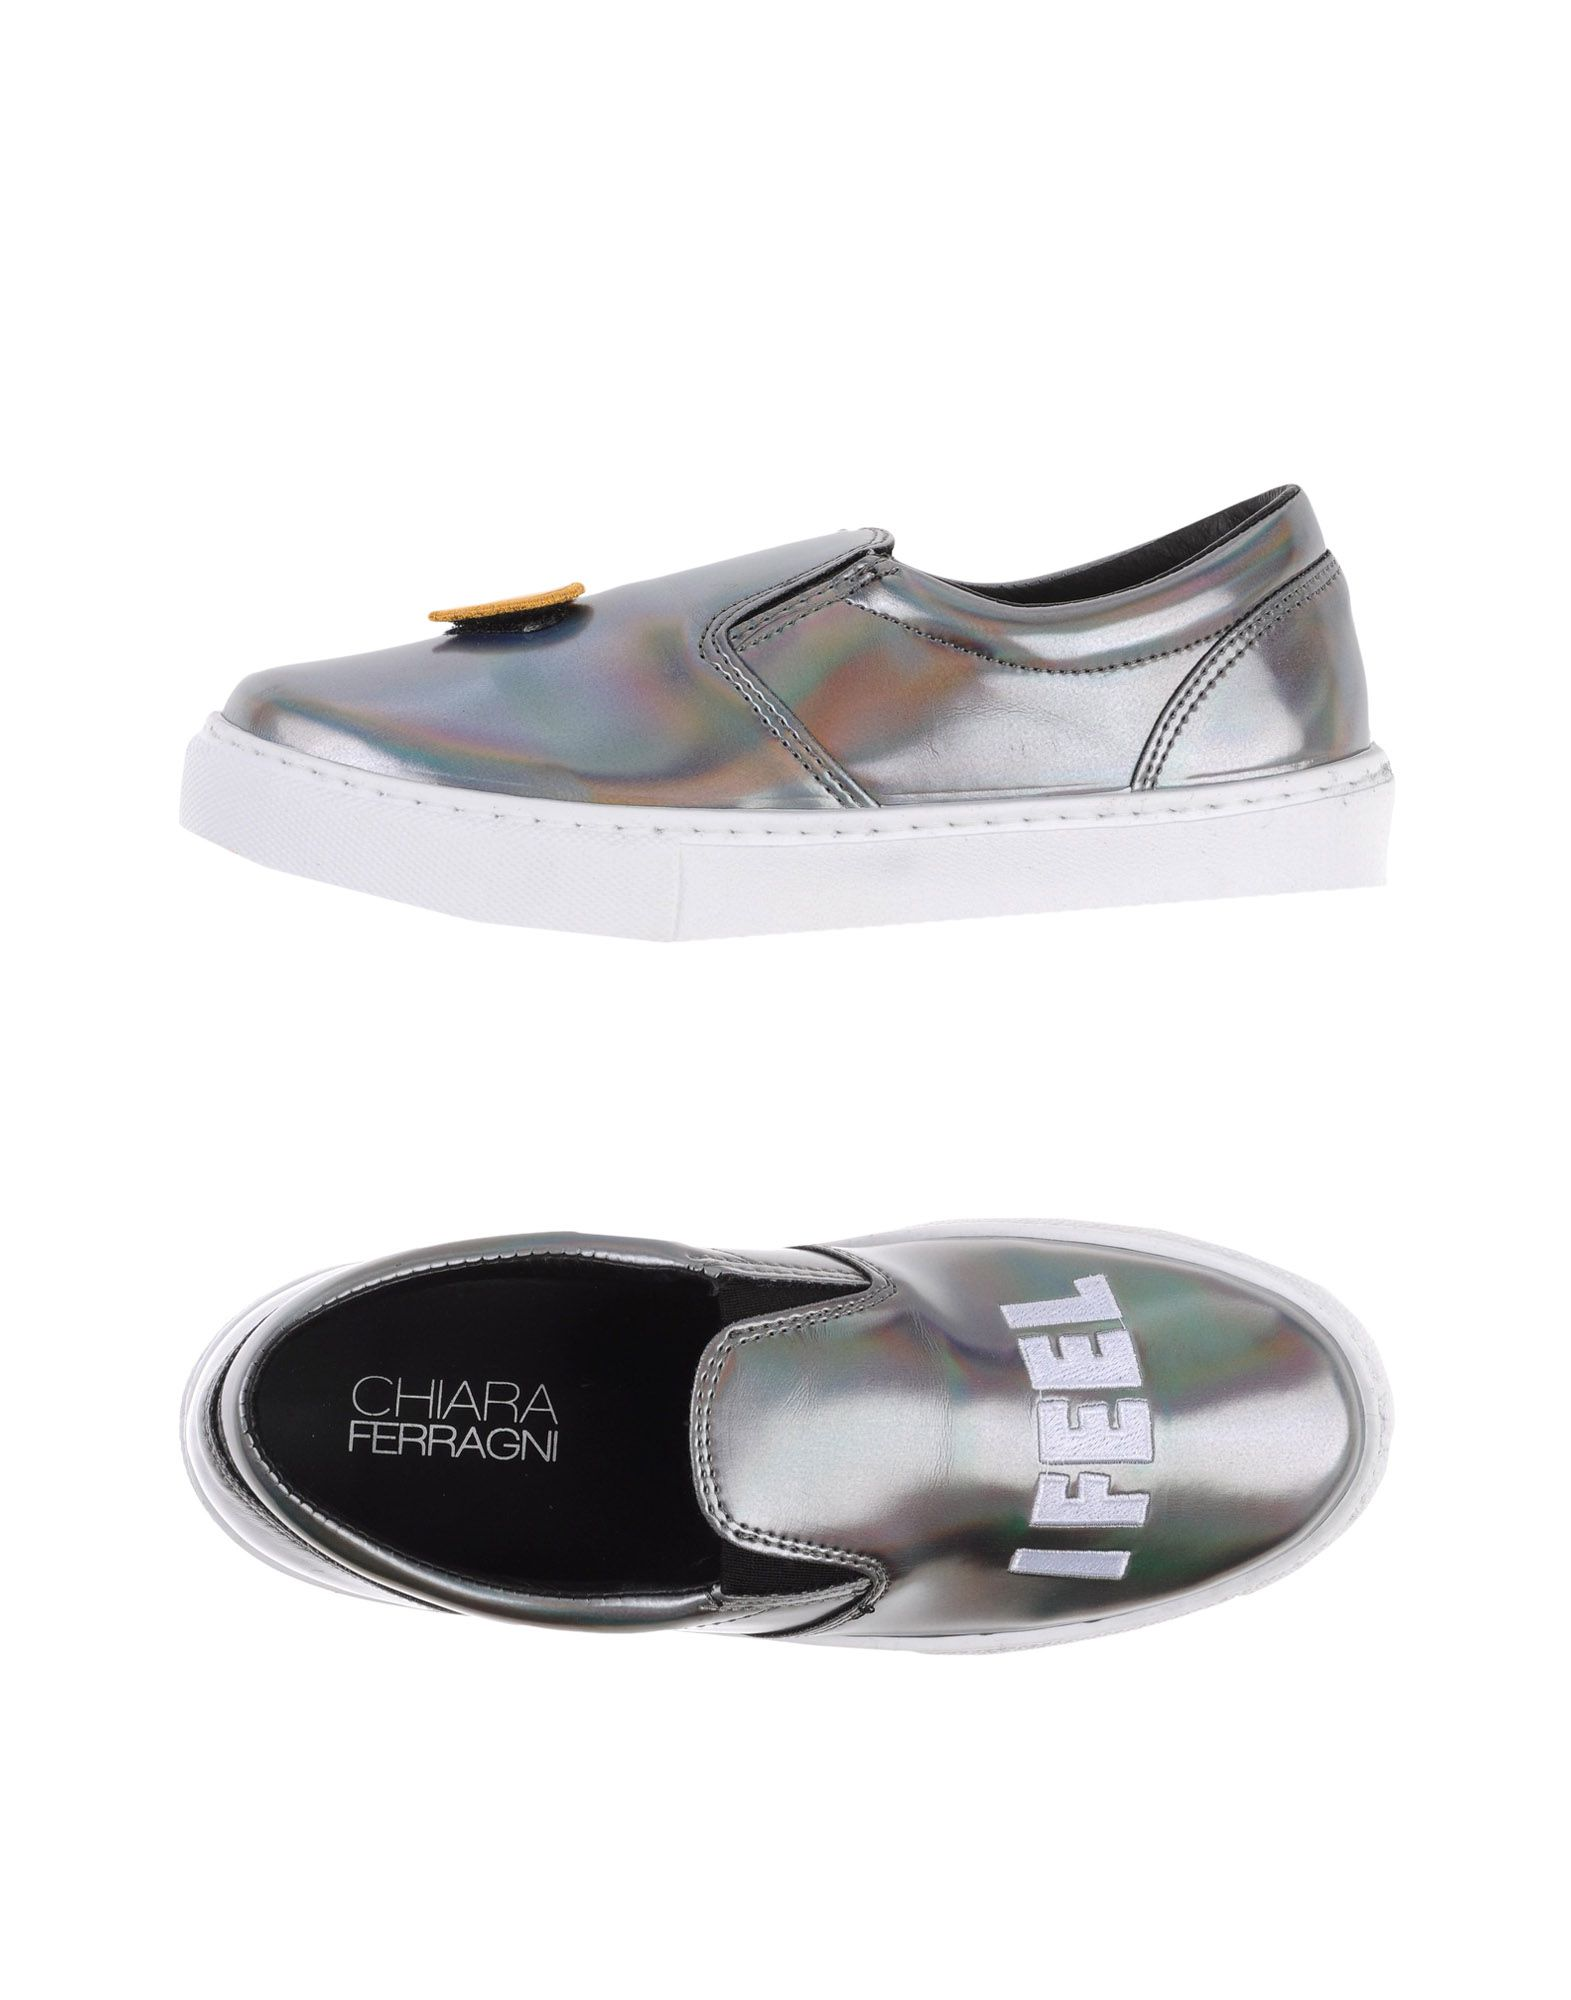 Chiara Ferragni Damen Sneakers Damen Ferragni  11117141MD  ab15a4